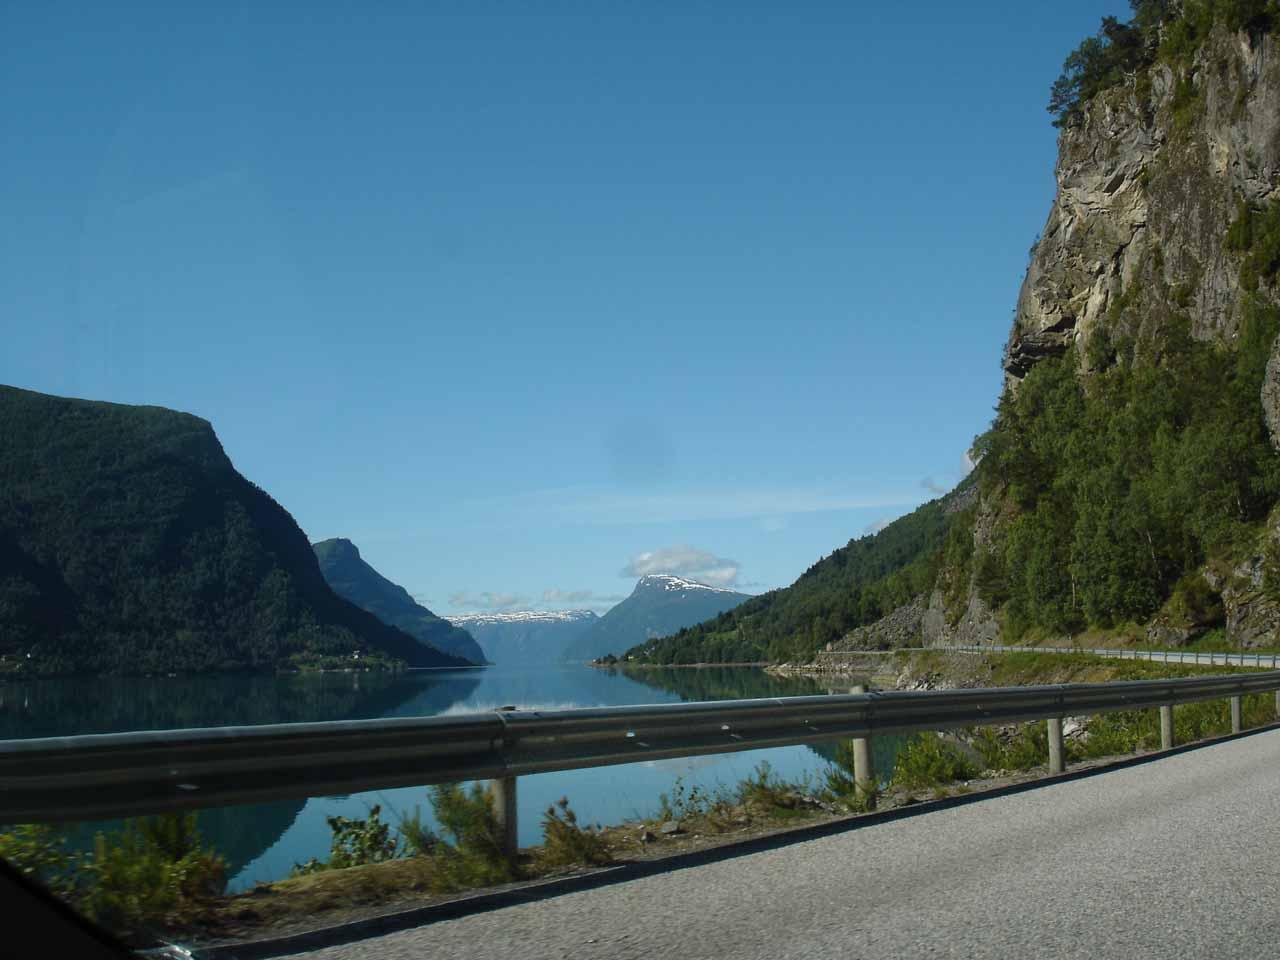 Lustrafjorden seen en route to Kvinnafossen along the narrow county road 55